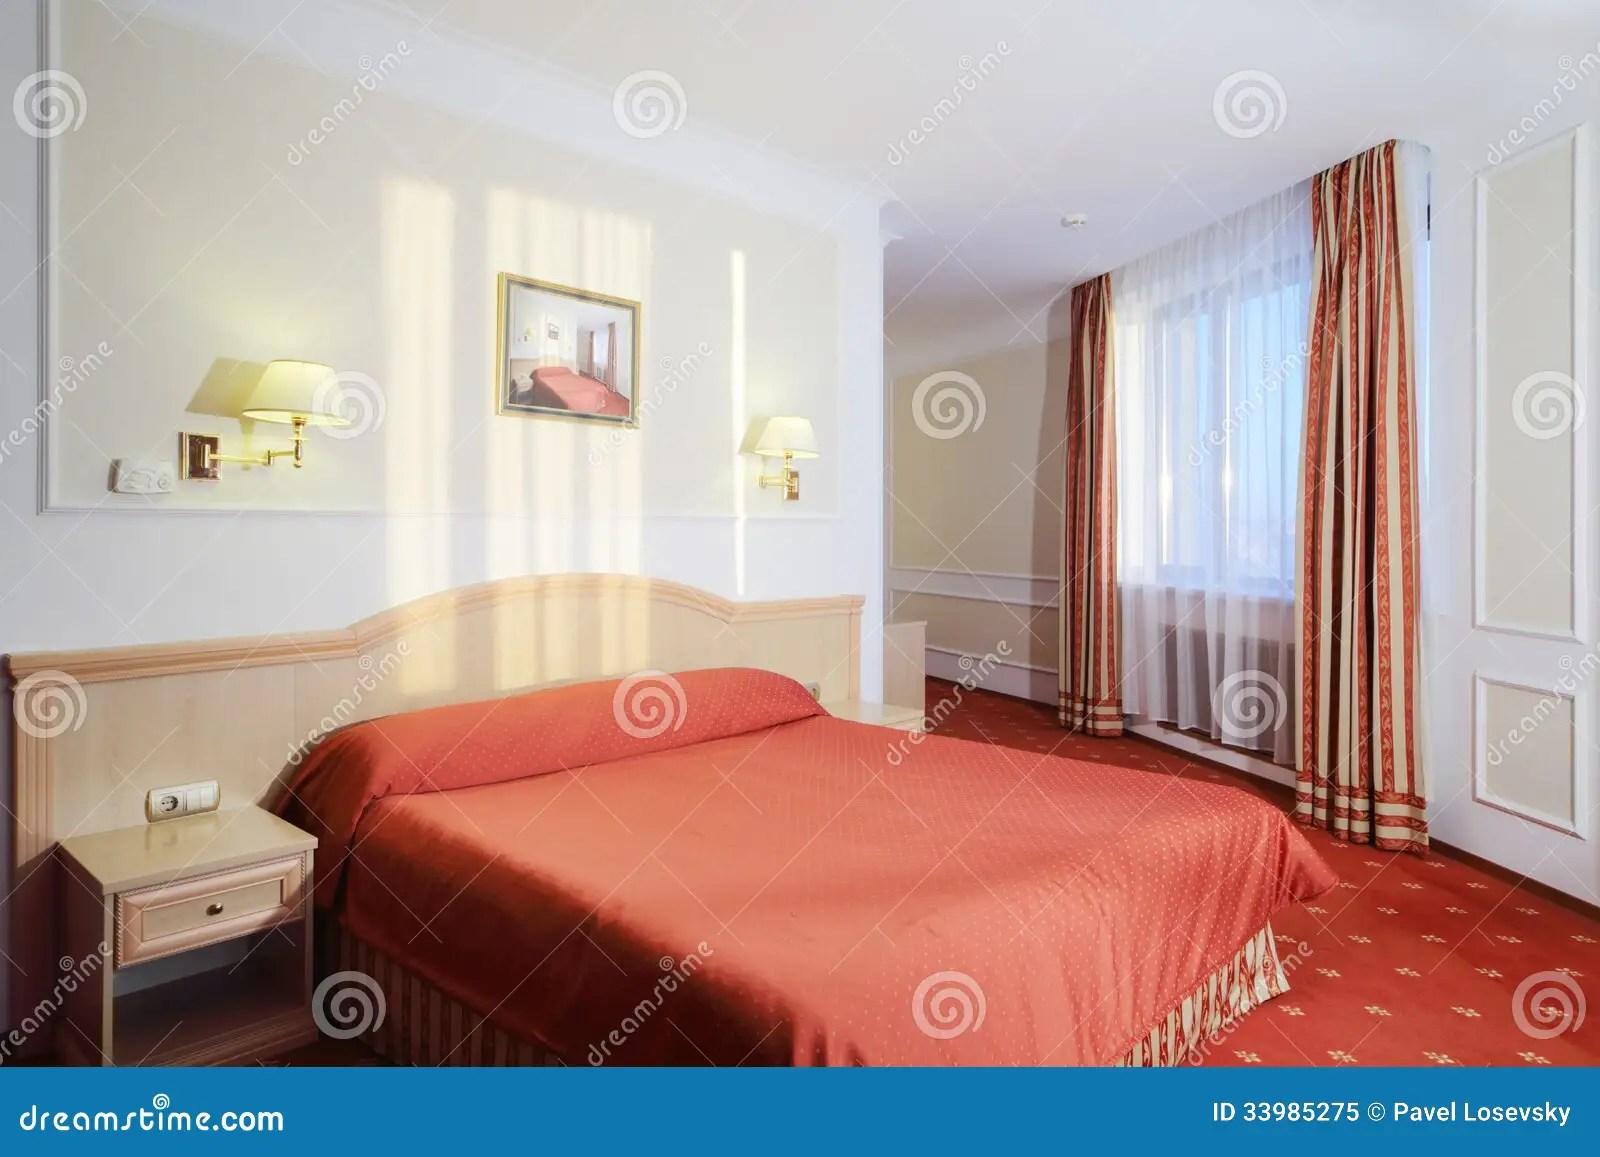 Dormitorio Simple Con La Cama Matrimonial Con El Lino Rojo